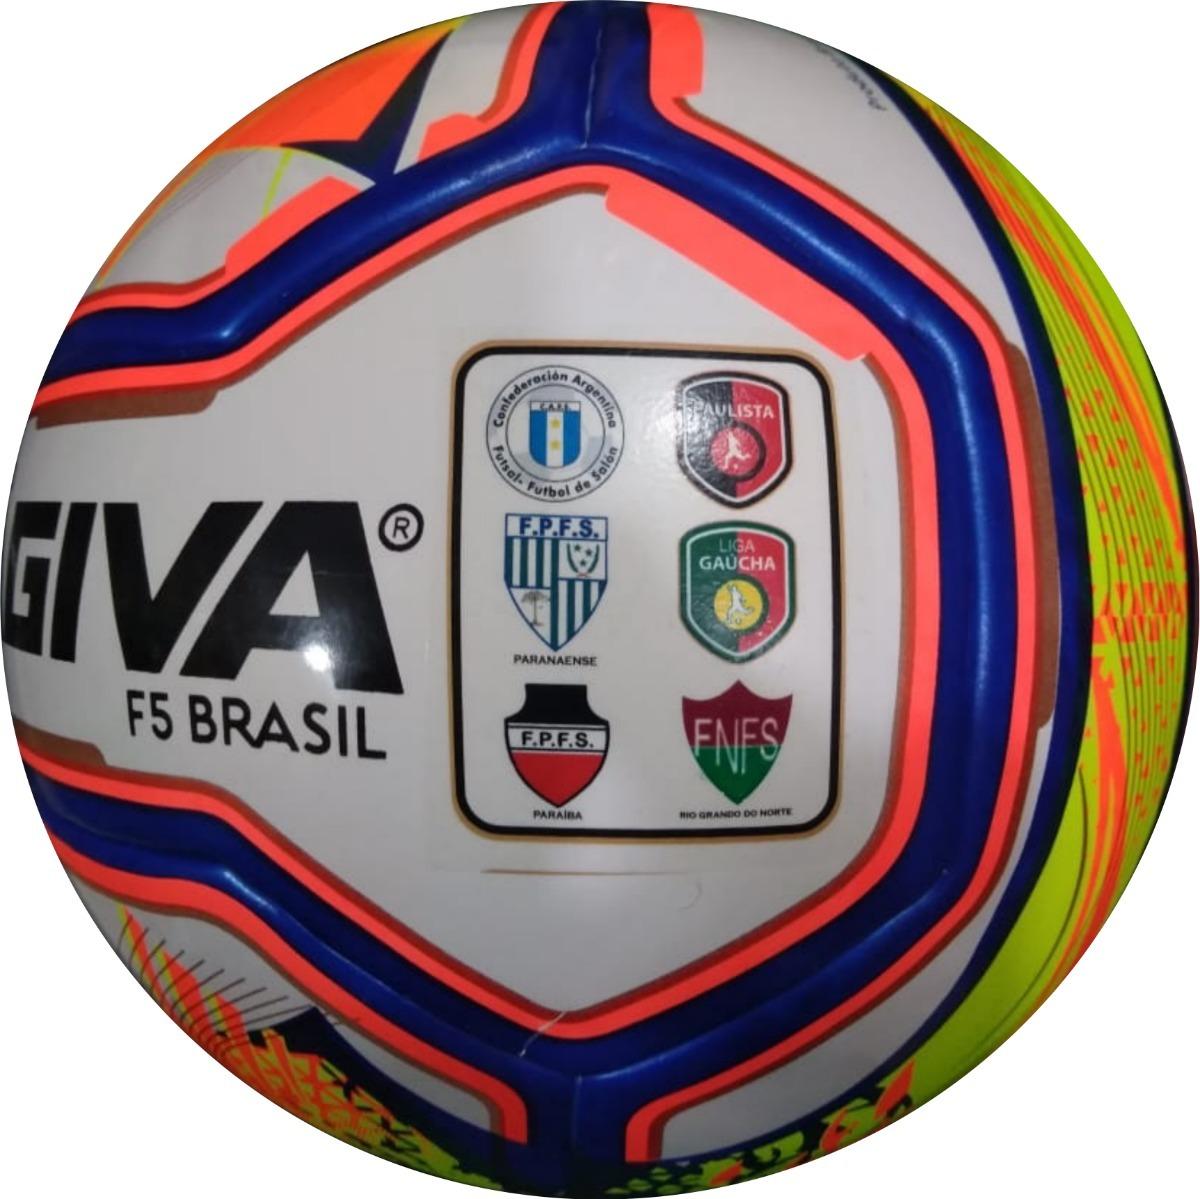 4b321f3c332e8 bola futsal kagiva f5 brasil pro liga e federação 2019. Carregando zoom.